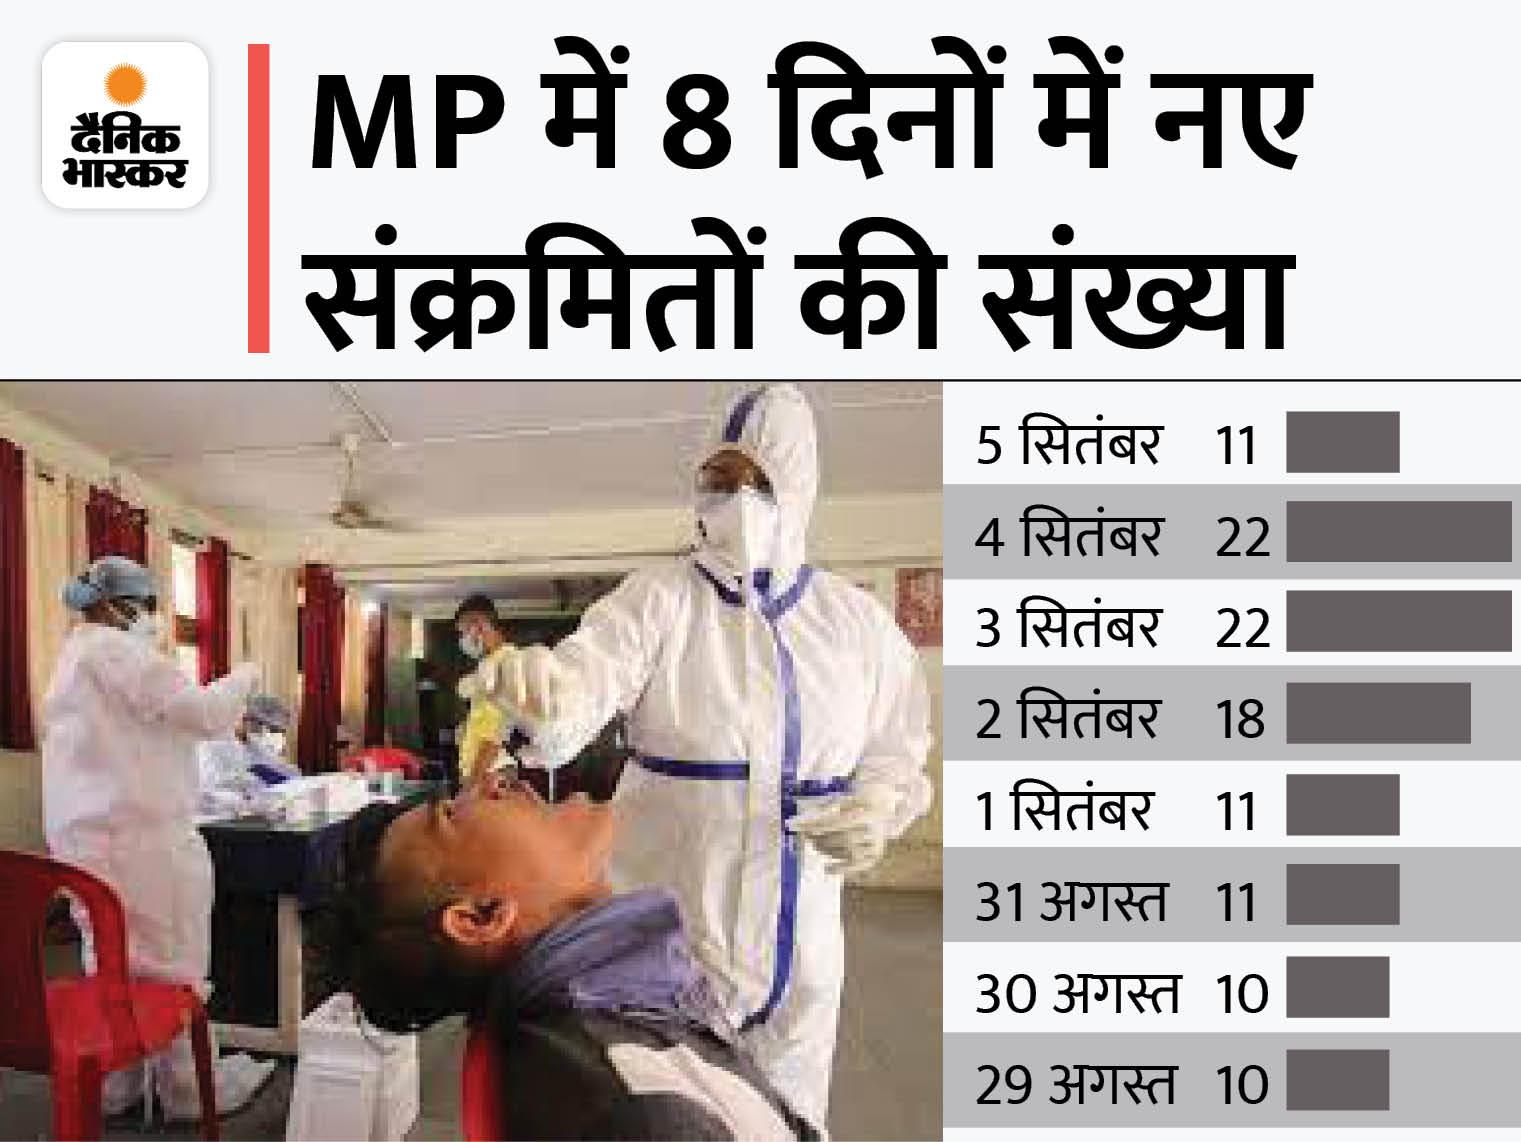 24 घंटे में 11 नए मरीज मिले; सबसे ज्यादा जबलपुर में 9 संक्रमित आए; भोपाल में 2 पॉजिटिव, प्रदेश में 5 दिन में 84 नए केस|मध्य प्रदेश,Madhya Pradesh - Dainik Bhaskar